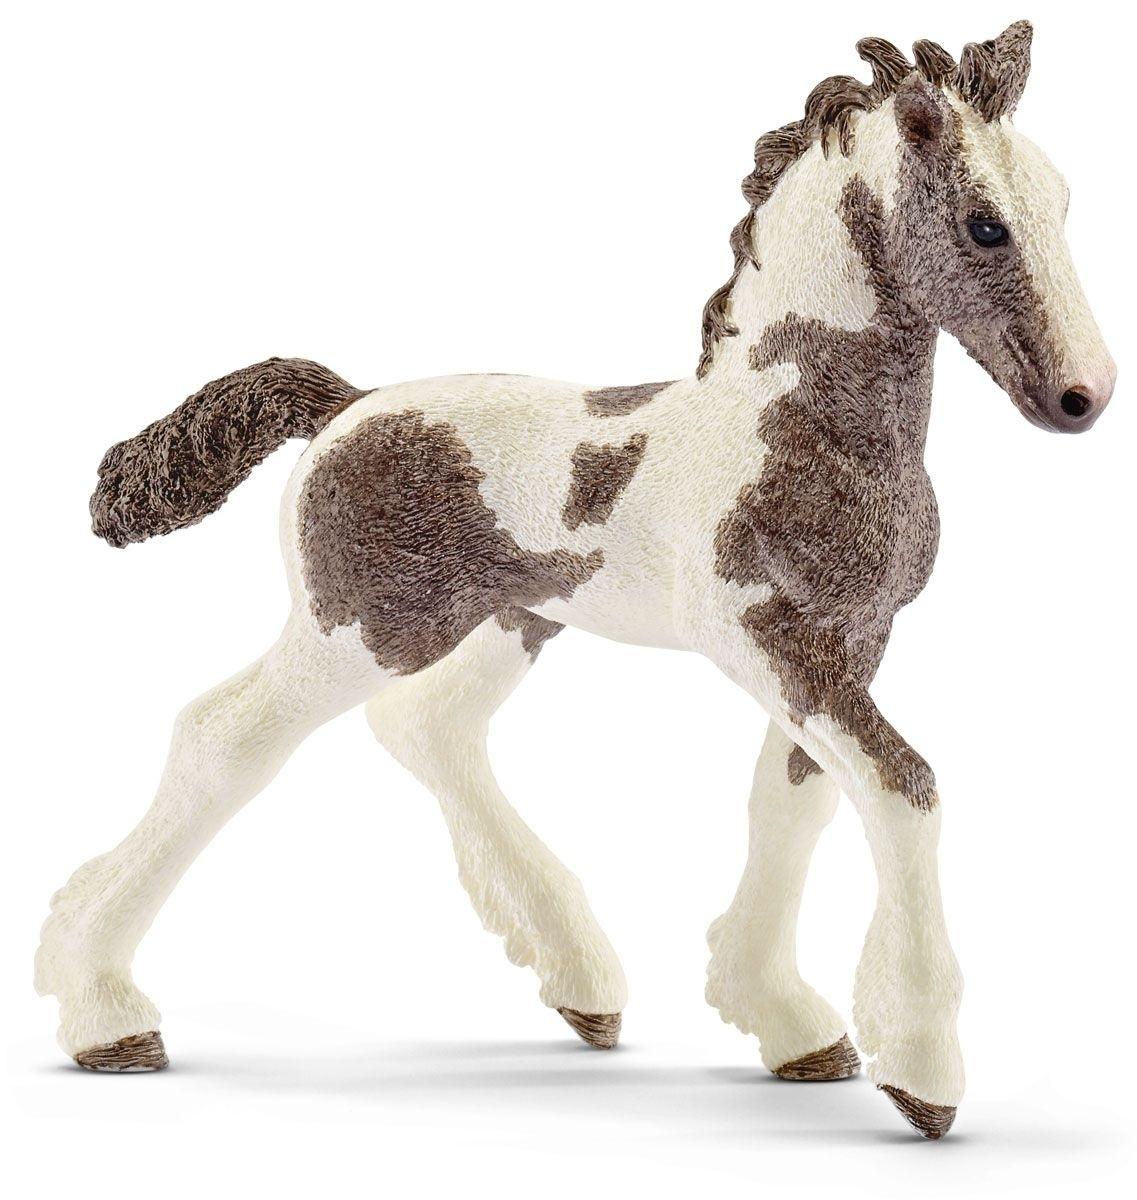 Жеребёнок ТинкерТинкер - порода удивительных лошадей, которая в последние годы приобретает стремительную популярность в мире. Известно, что цыгане всегда были отличными всадниками и знатоками лошадей, умеющими обращаться с любыми из них. Помимо всего прочего они оставили миру породу симпатичных лохматых лошадей.Тинкер - лошадь среднего роста, широкотелая. Голова массивная, имеет бородку и горбатый профиль. Грива и хвост - очень густые и пышные. Шея короткая и сильная, плечи мощные, спина прямая, круп сильный. Ноги сильные и крепкие, копыта очень прочные.Тинкер - универсальная лошадь, одинаково успешно ходящая под седлом и в упряжке. Они имеют очень удобные, мягкие аллюры. Однако они быстро устают на галопе. Тинкер - хорошая лошадь для начинающего всадника. Он флегматичен и спокоен.Яркая красивая фигурка жеребенка обязательно понравится как детям, так и опытным коллекционерам.<br>